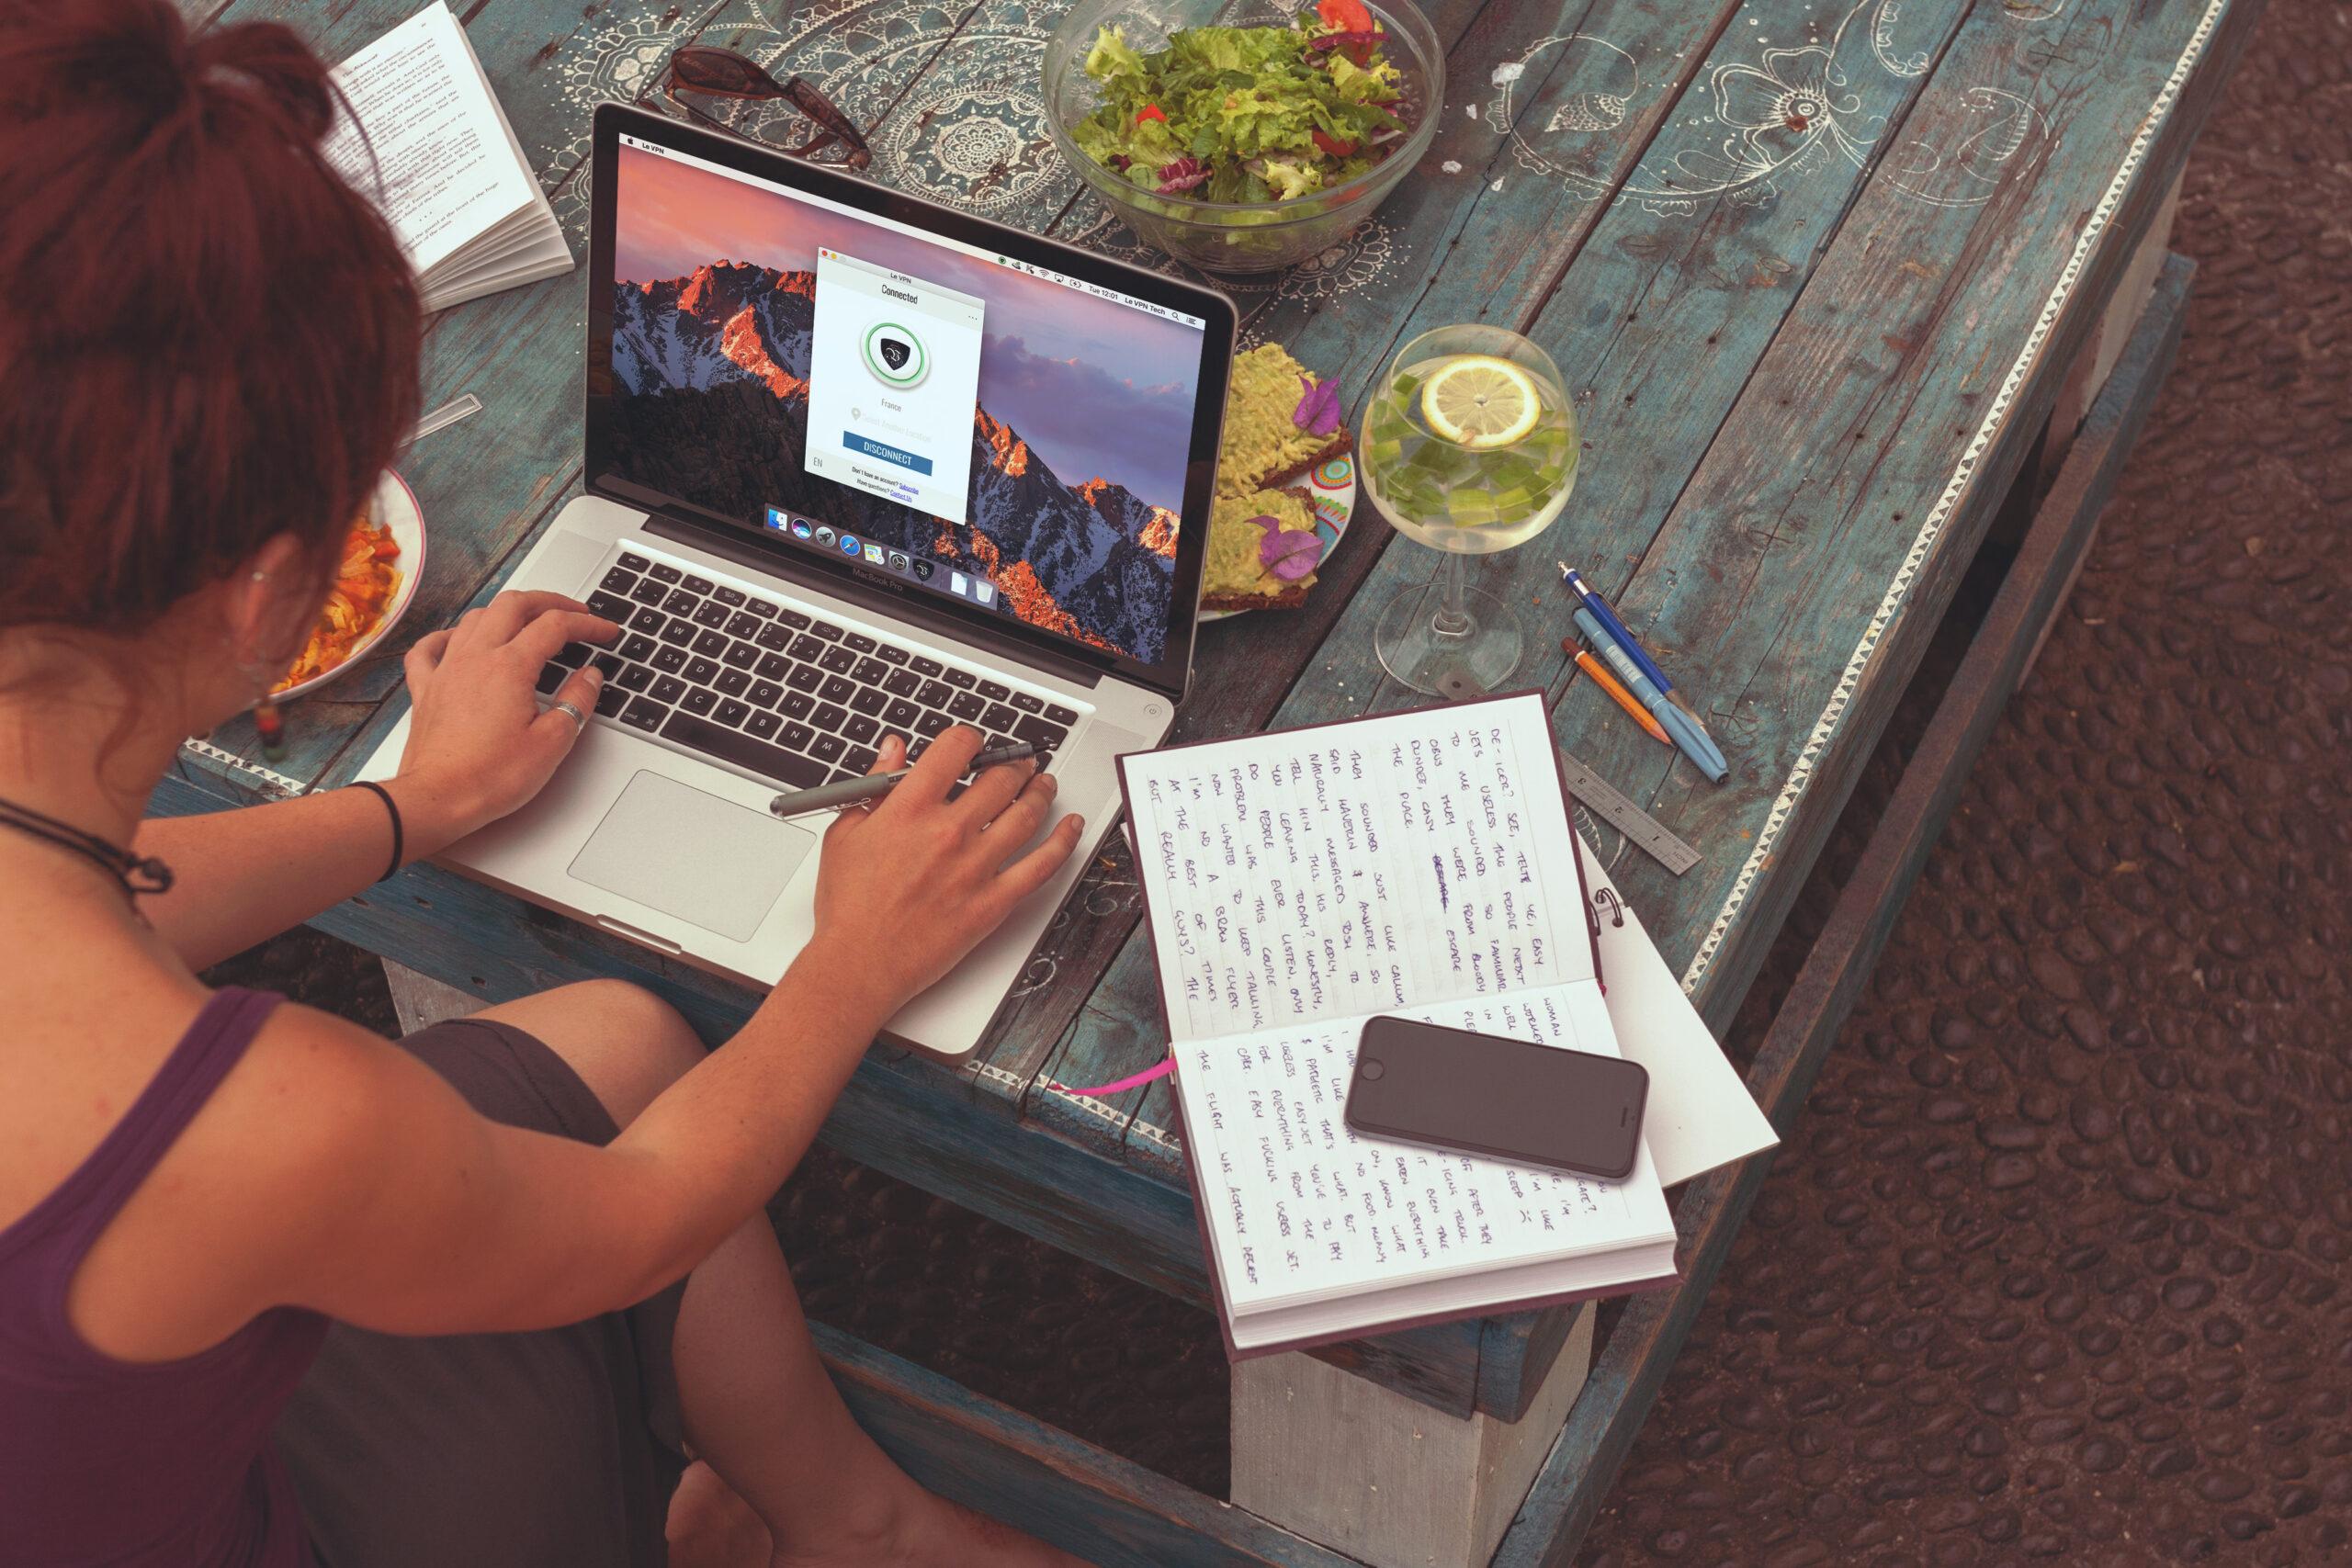 Le VPN lance l'application VPN mac OS, un logiciel Le VPN pour ordinateurs Mac